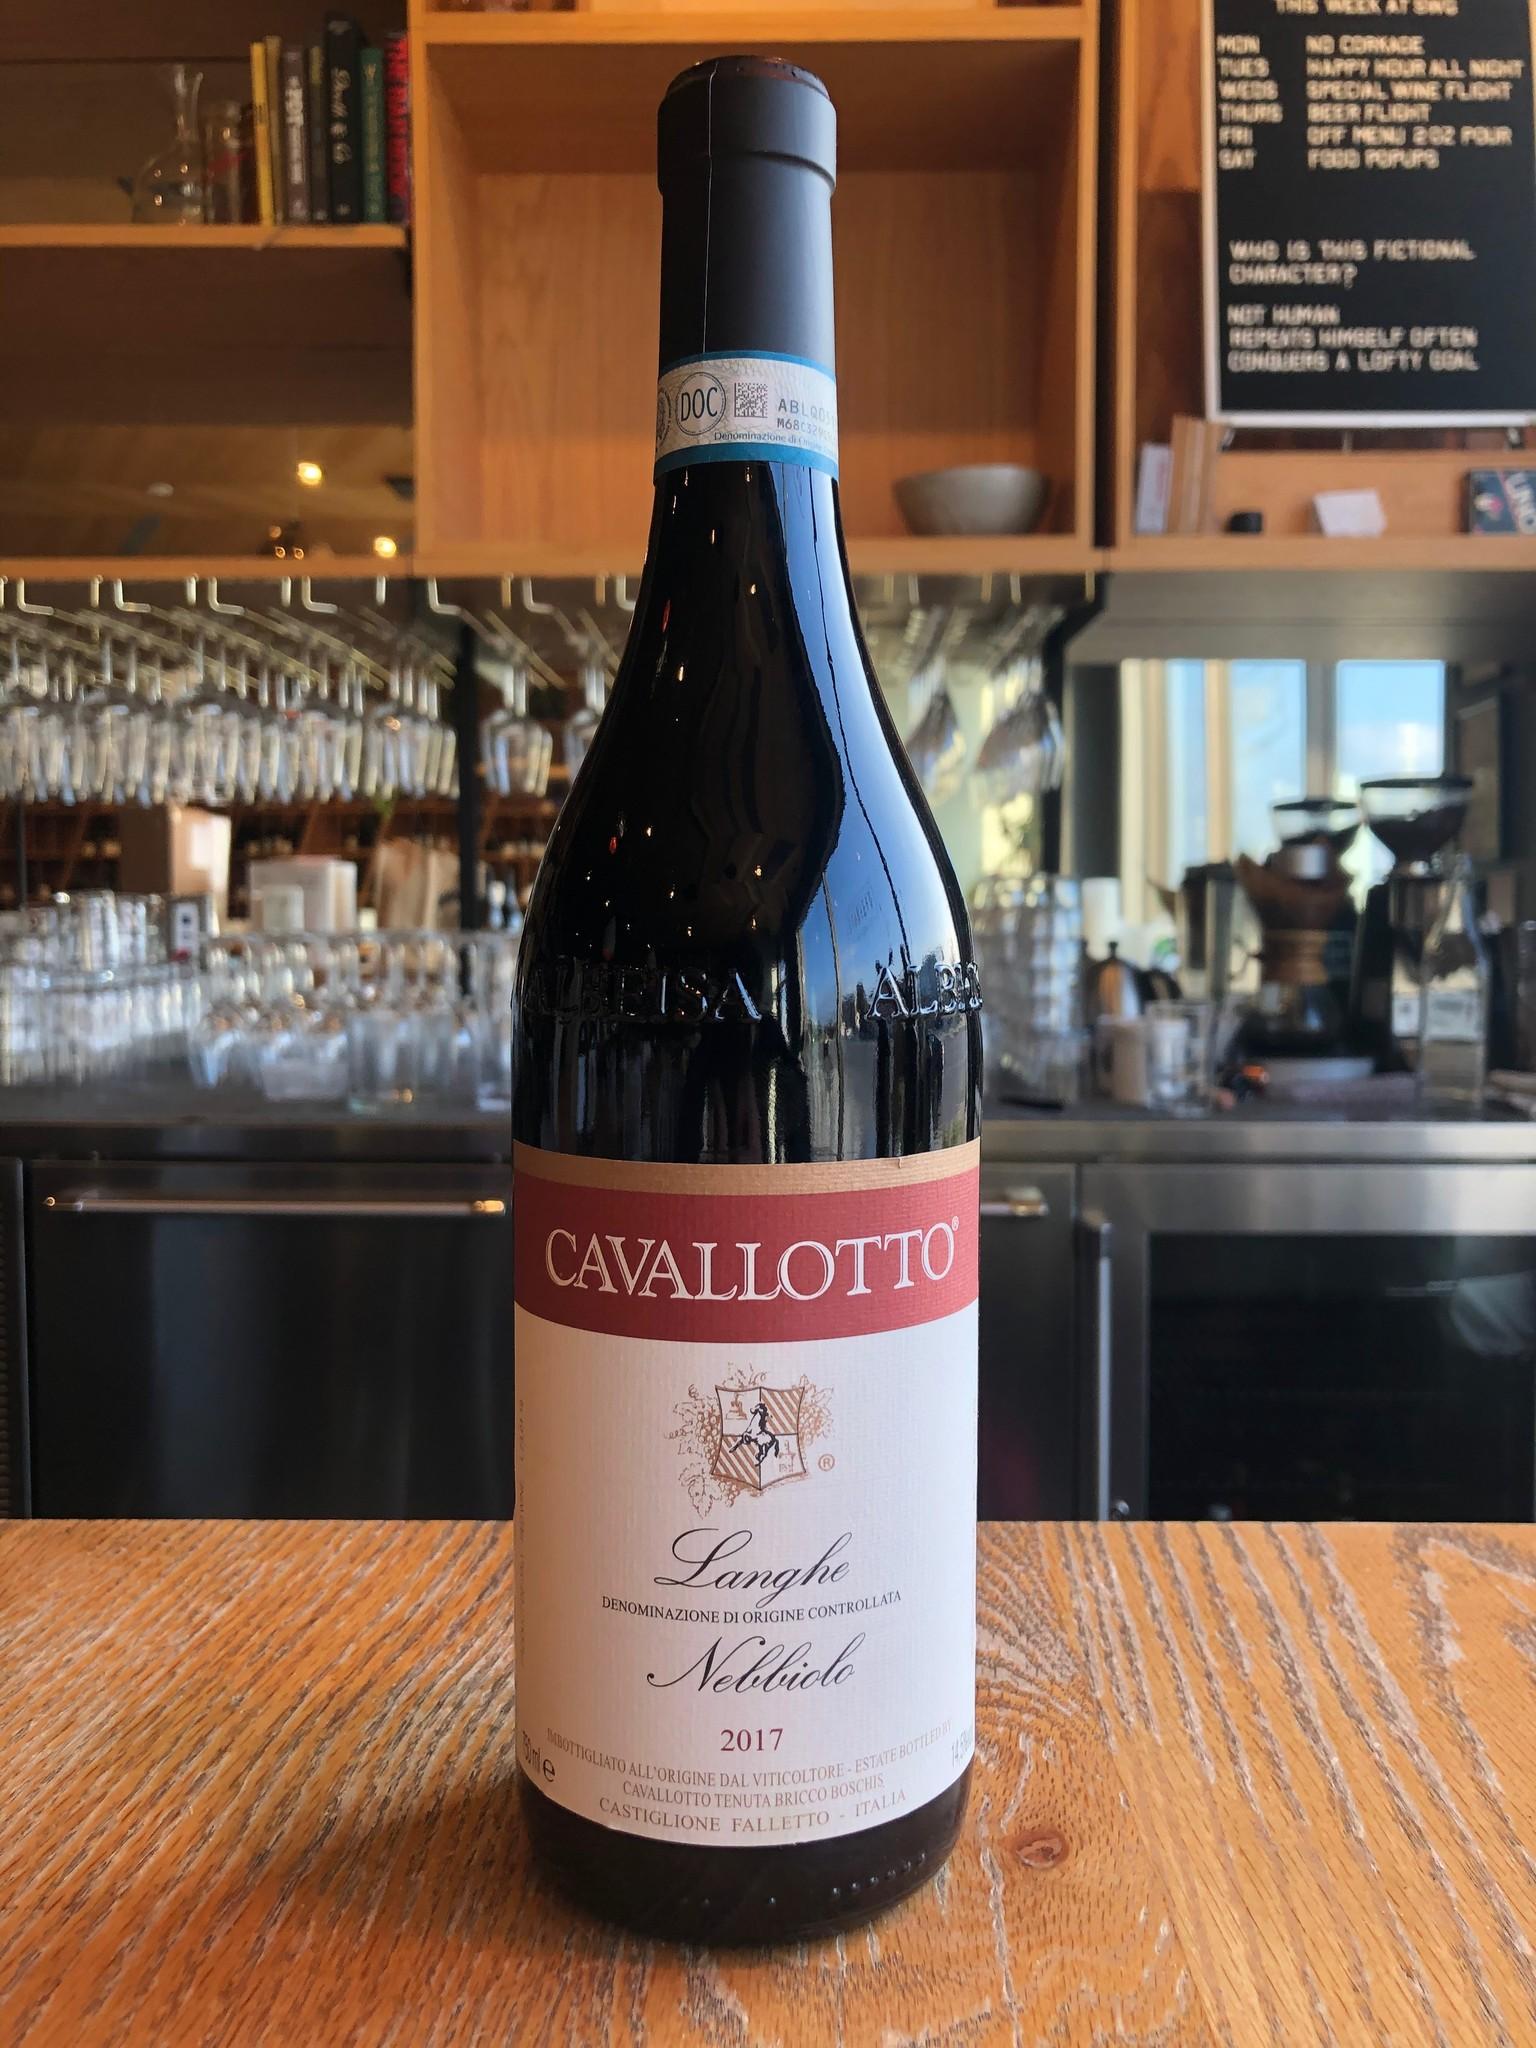 Cavallotto 2017 Cavallotto Langhe Nebbiolo 750ml